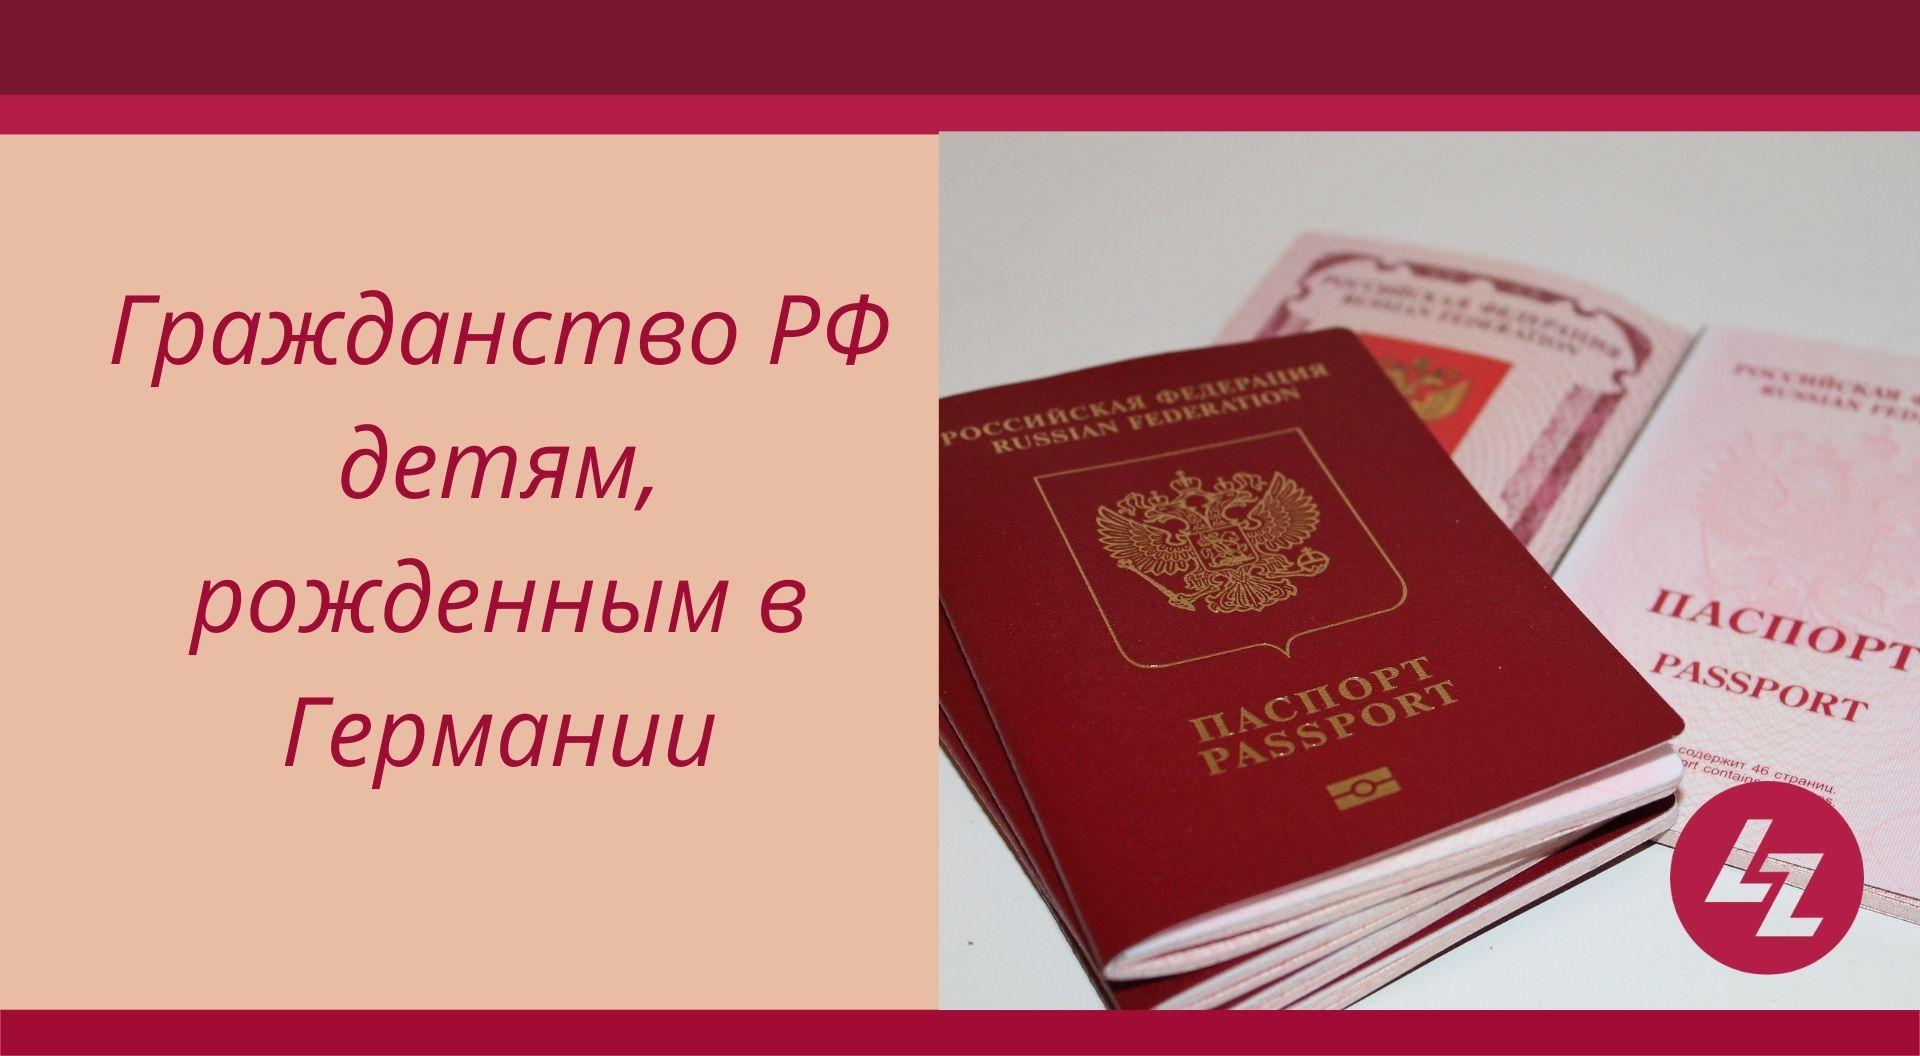 паспорт РФ для детей, рожденных в Германии